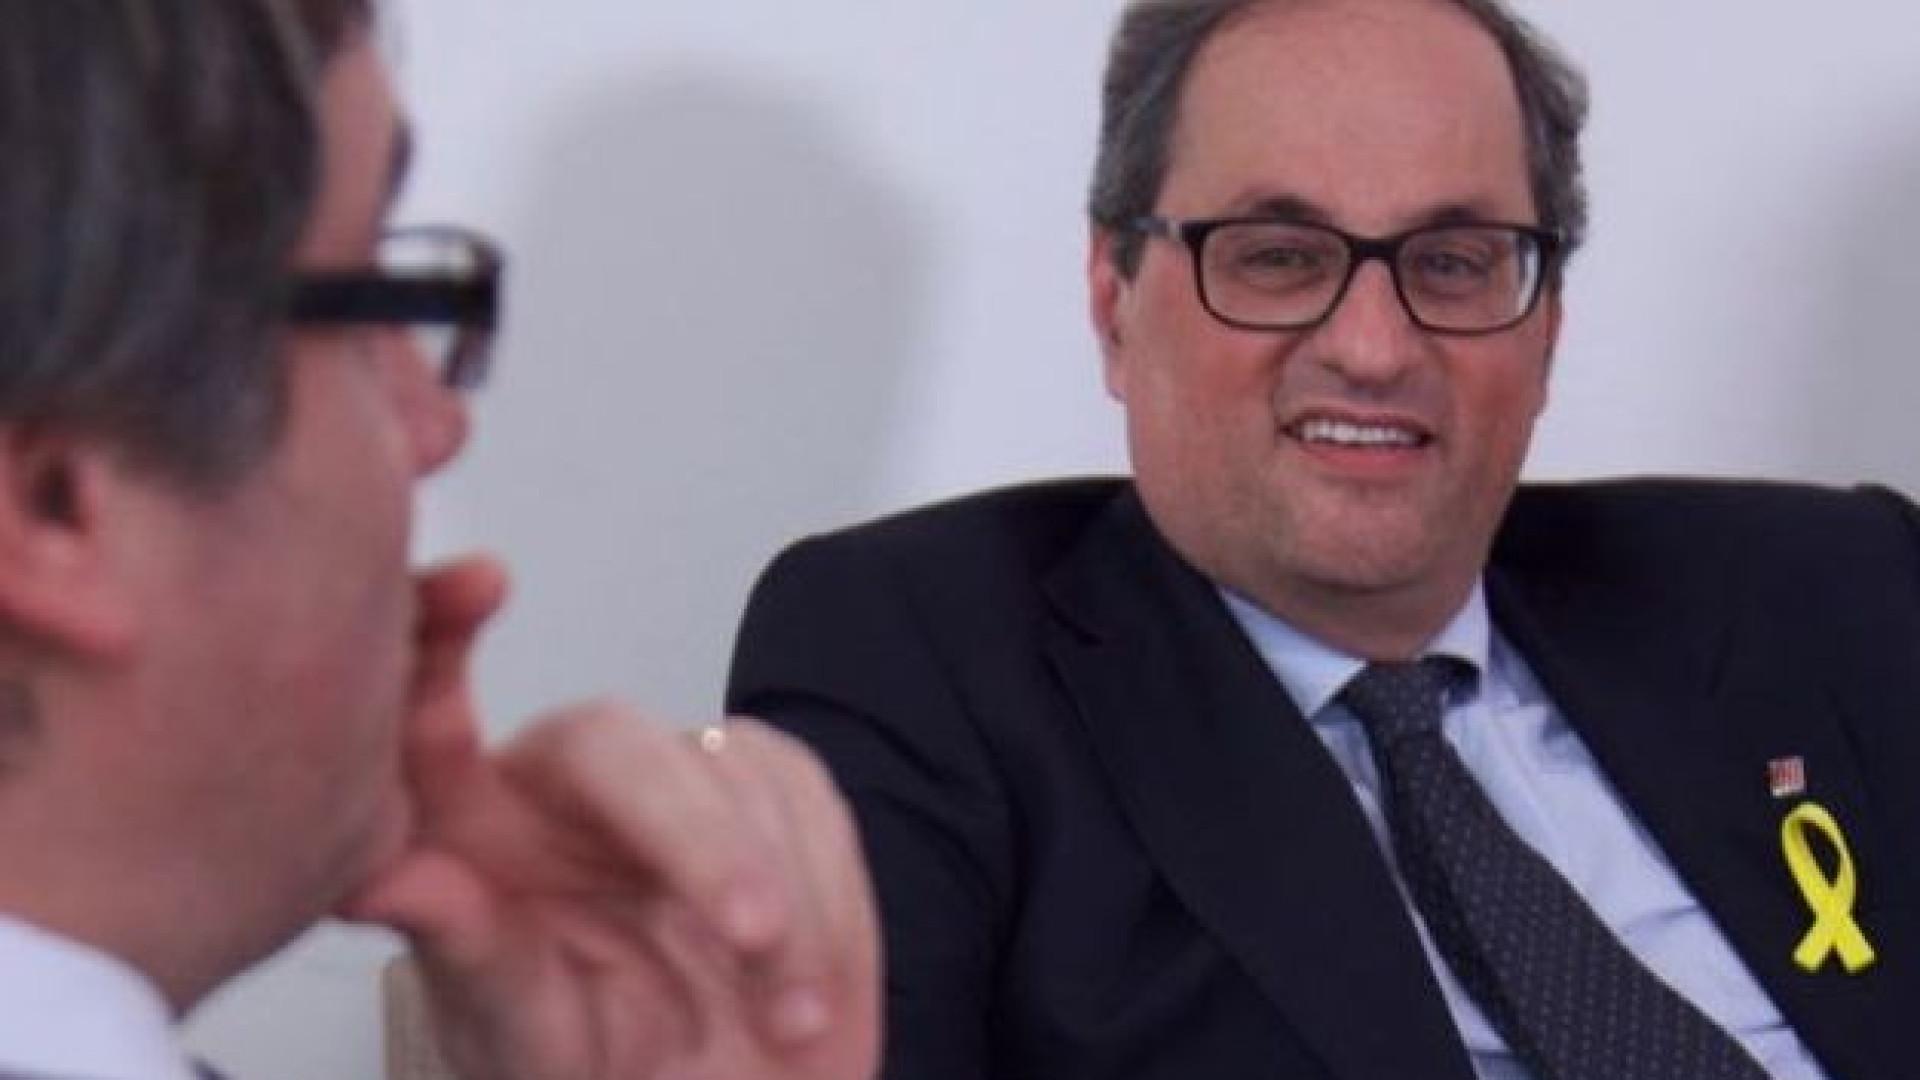 Catalunha: candidatura de Quim Torra é rejeitada na primeira votação